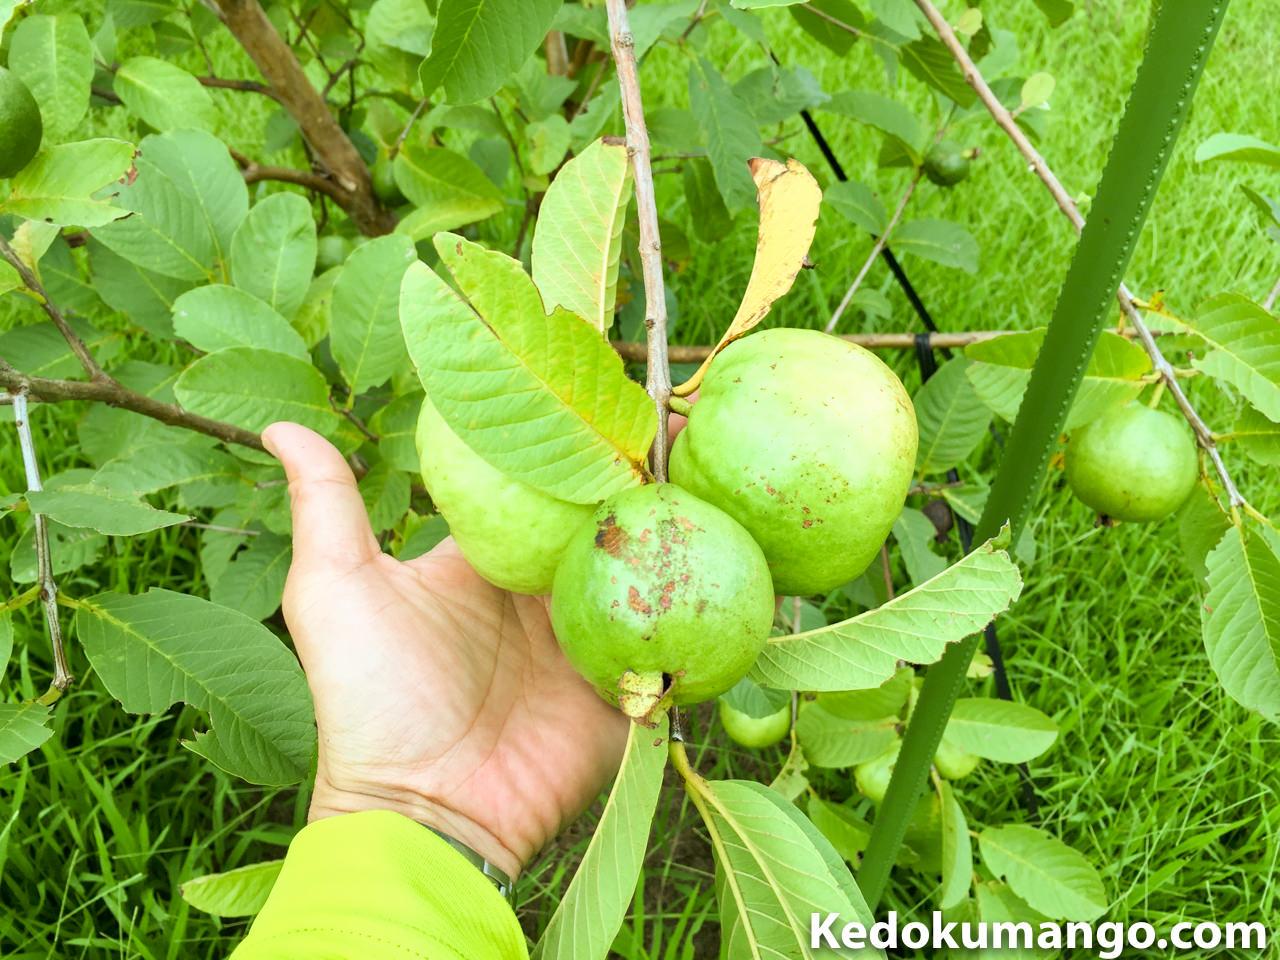 キンググアバの果実-1